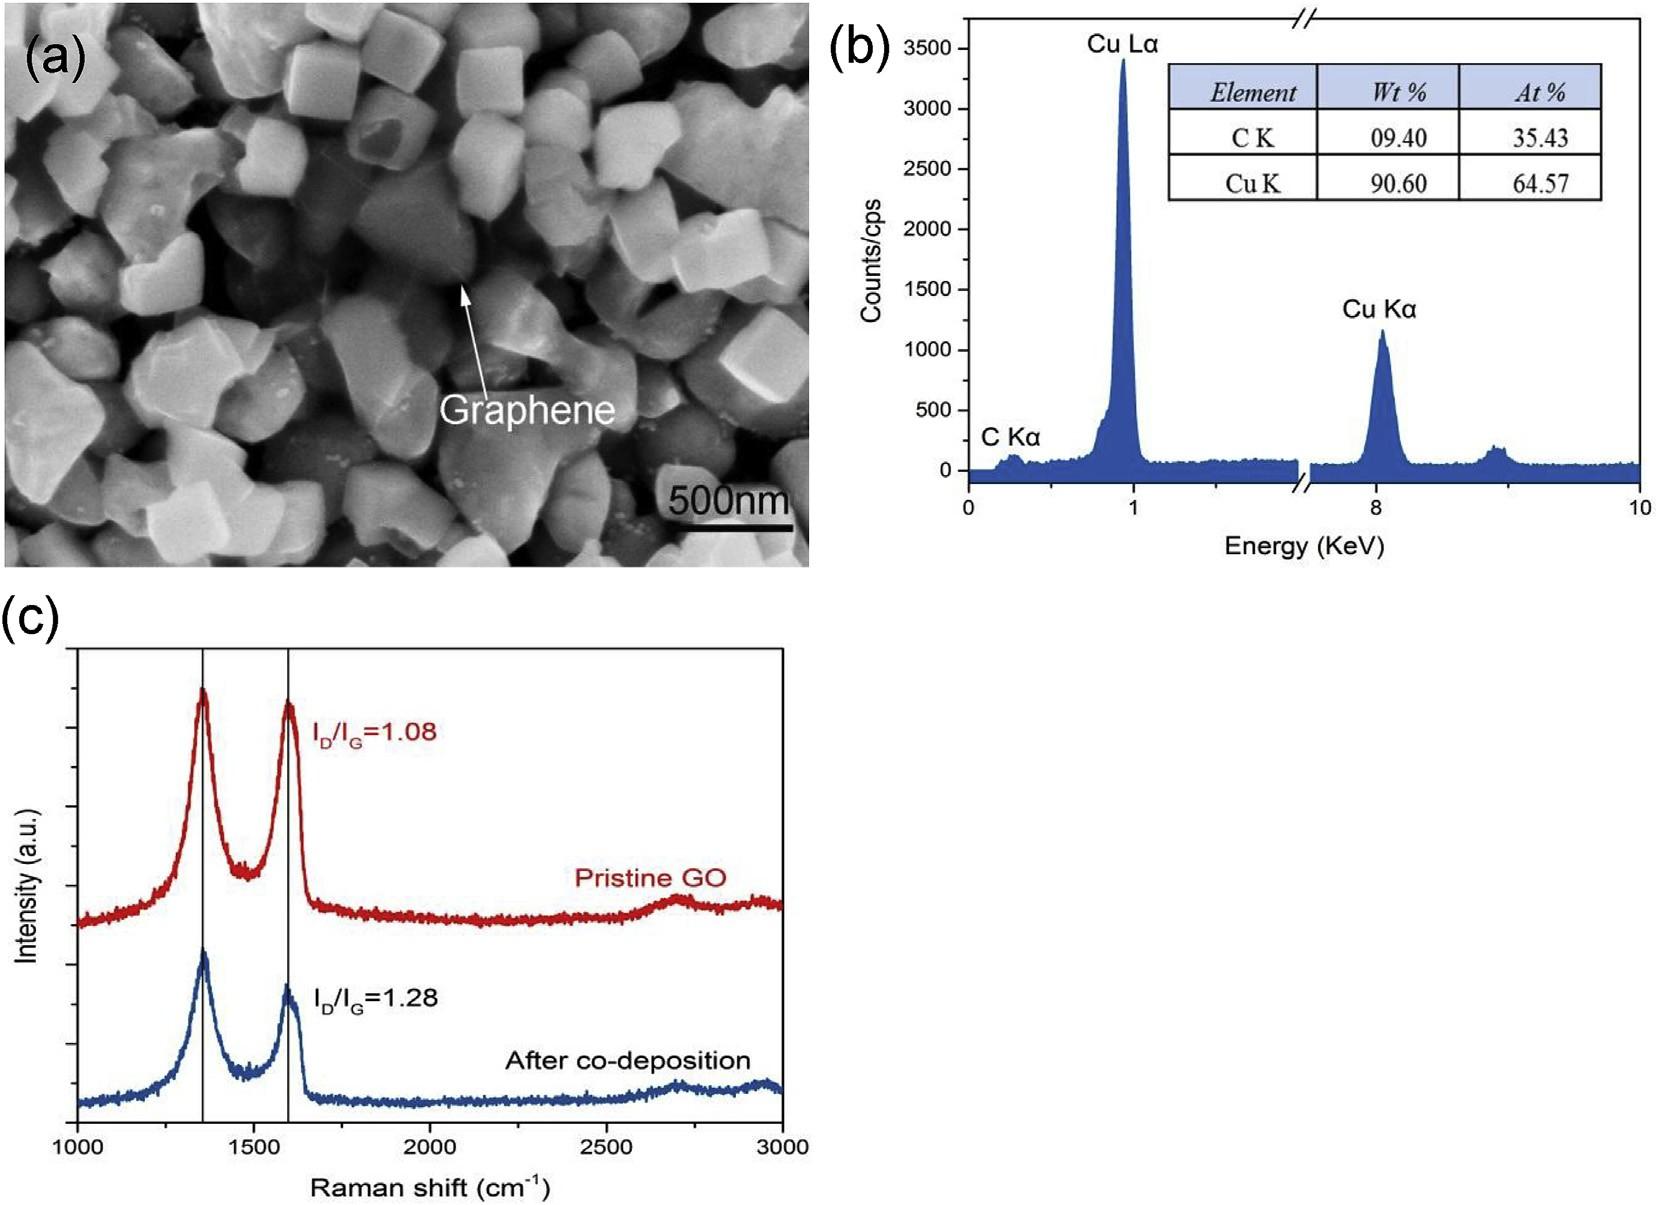 化学镀法制备铜(Cu)-石墨烯(Gr)复合涂层及其高的机械性能和耐腐蚀性能